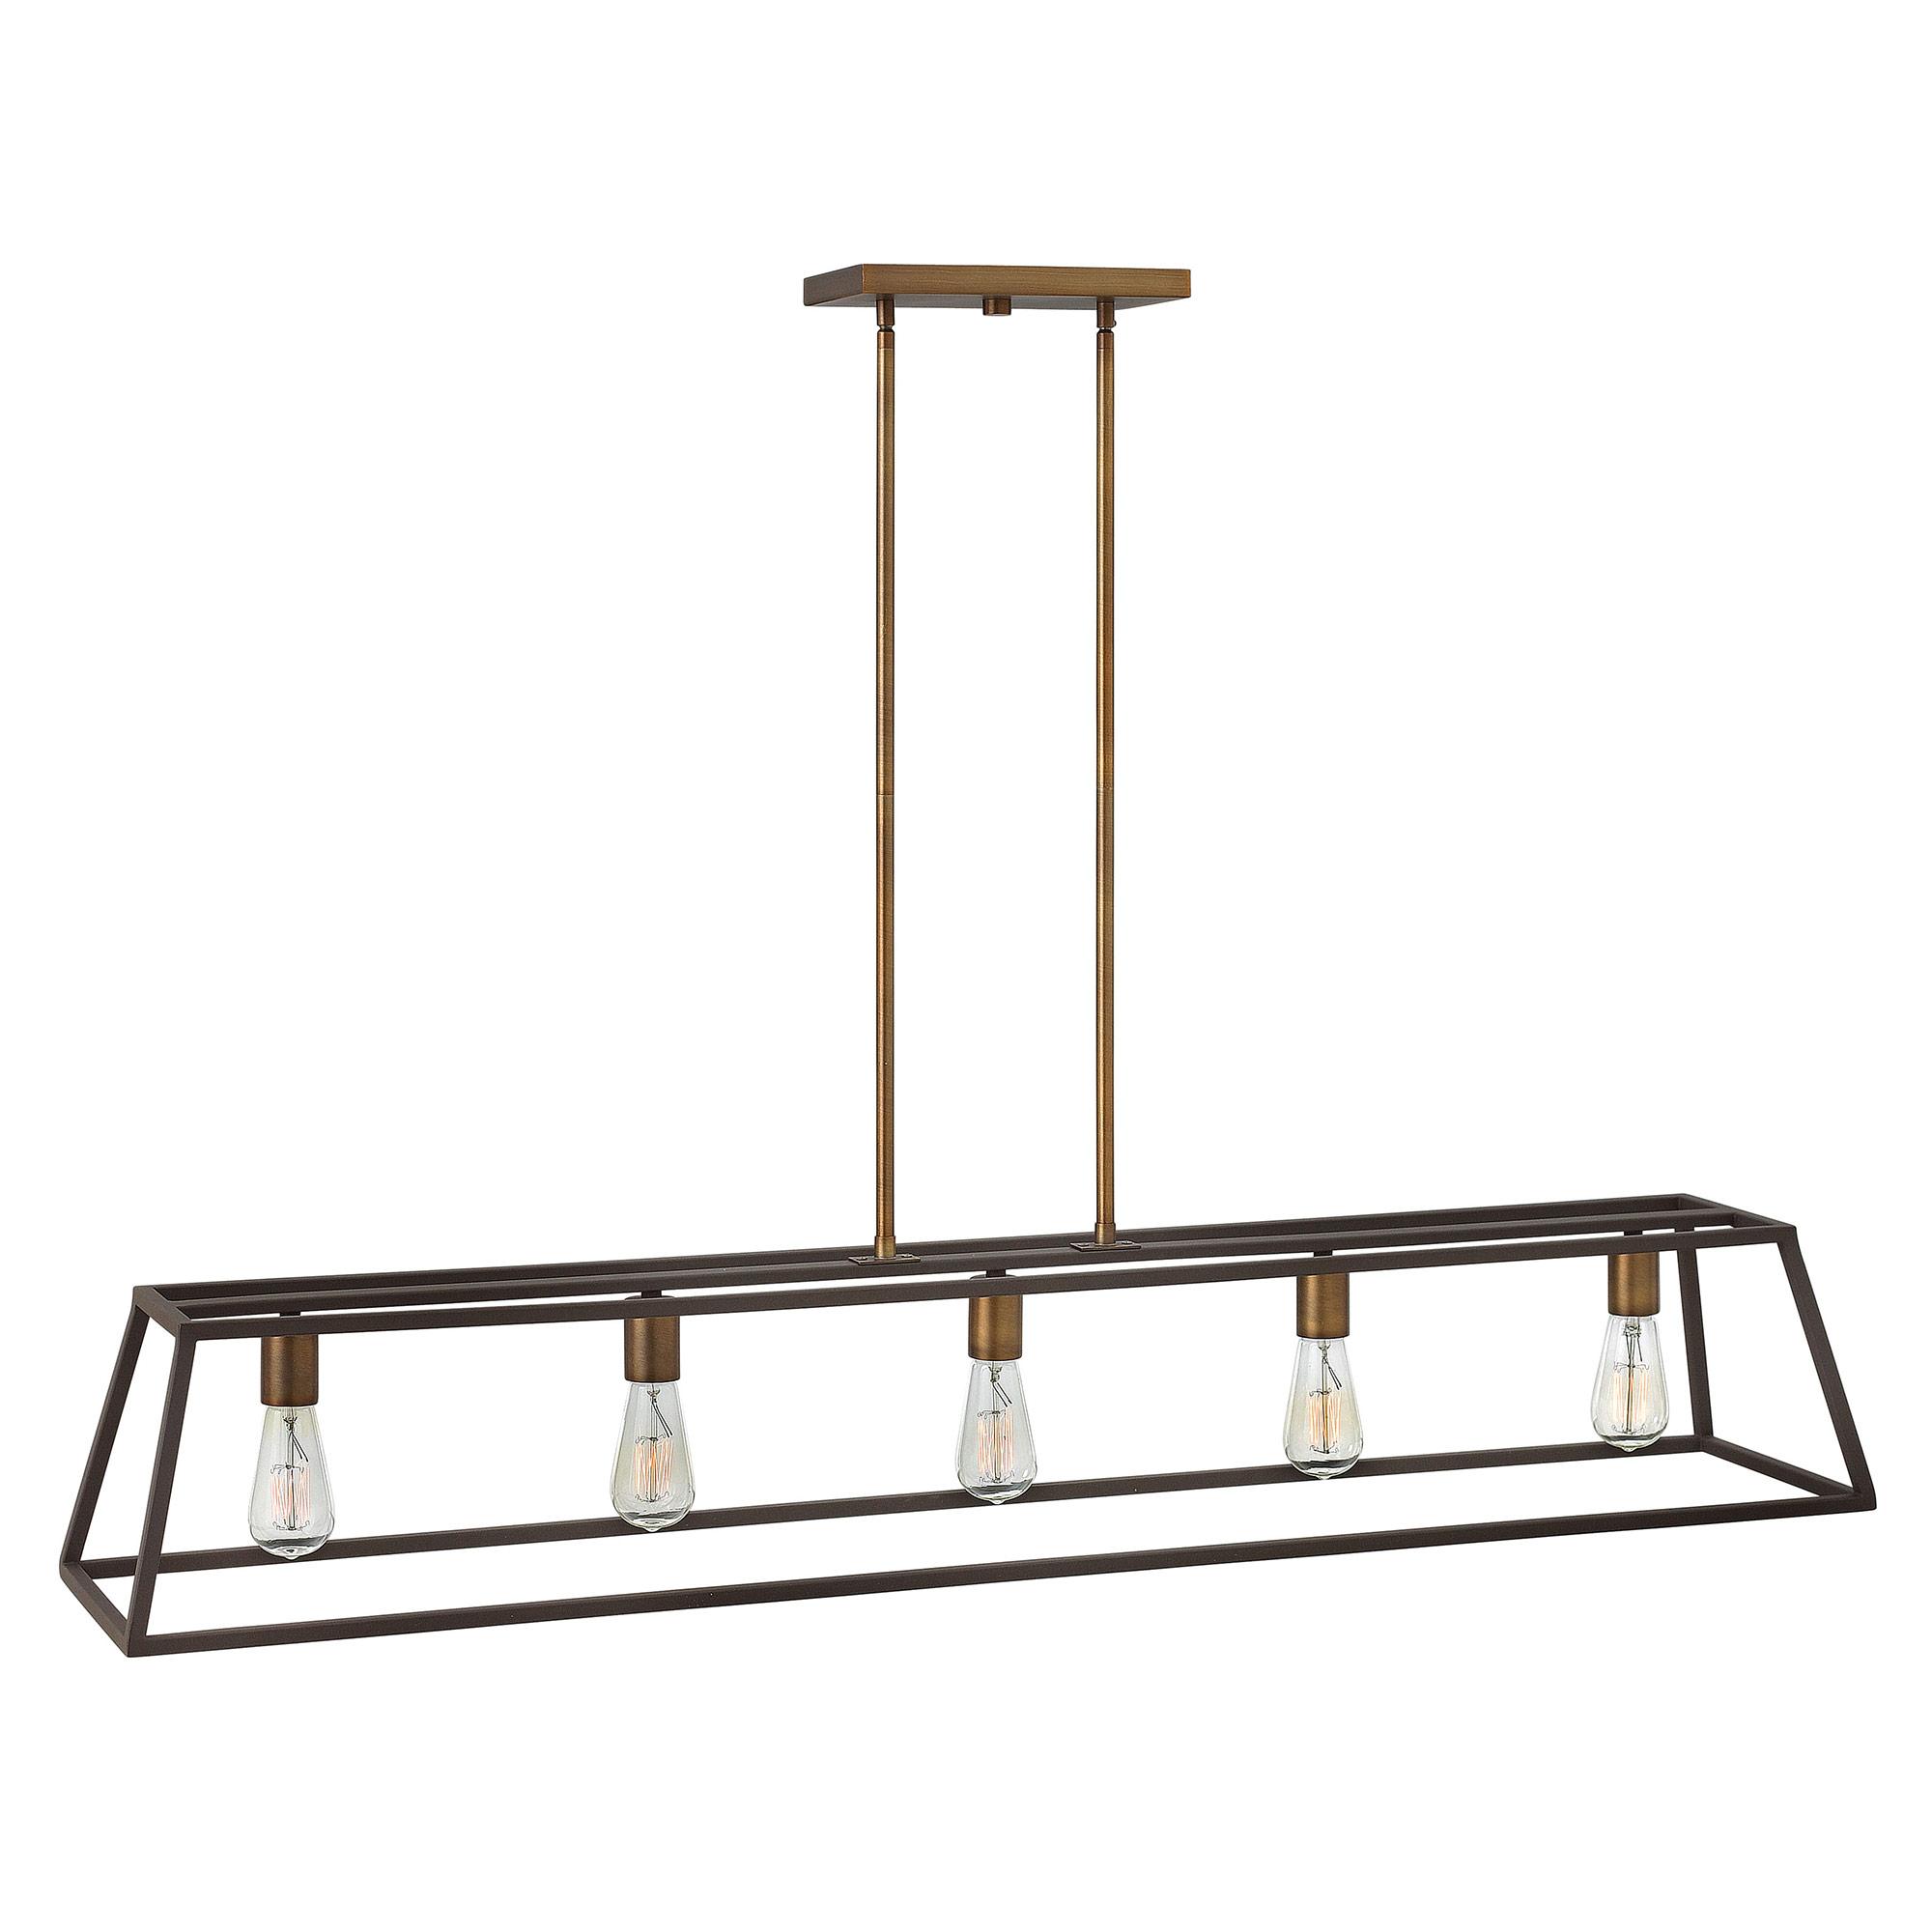 Linear Chandelier by Hinkley Lighting